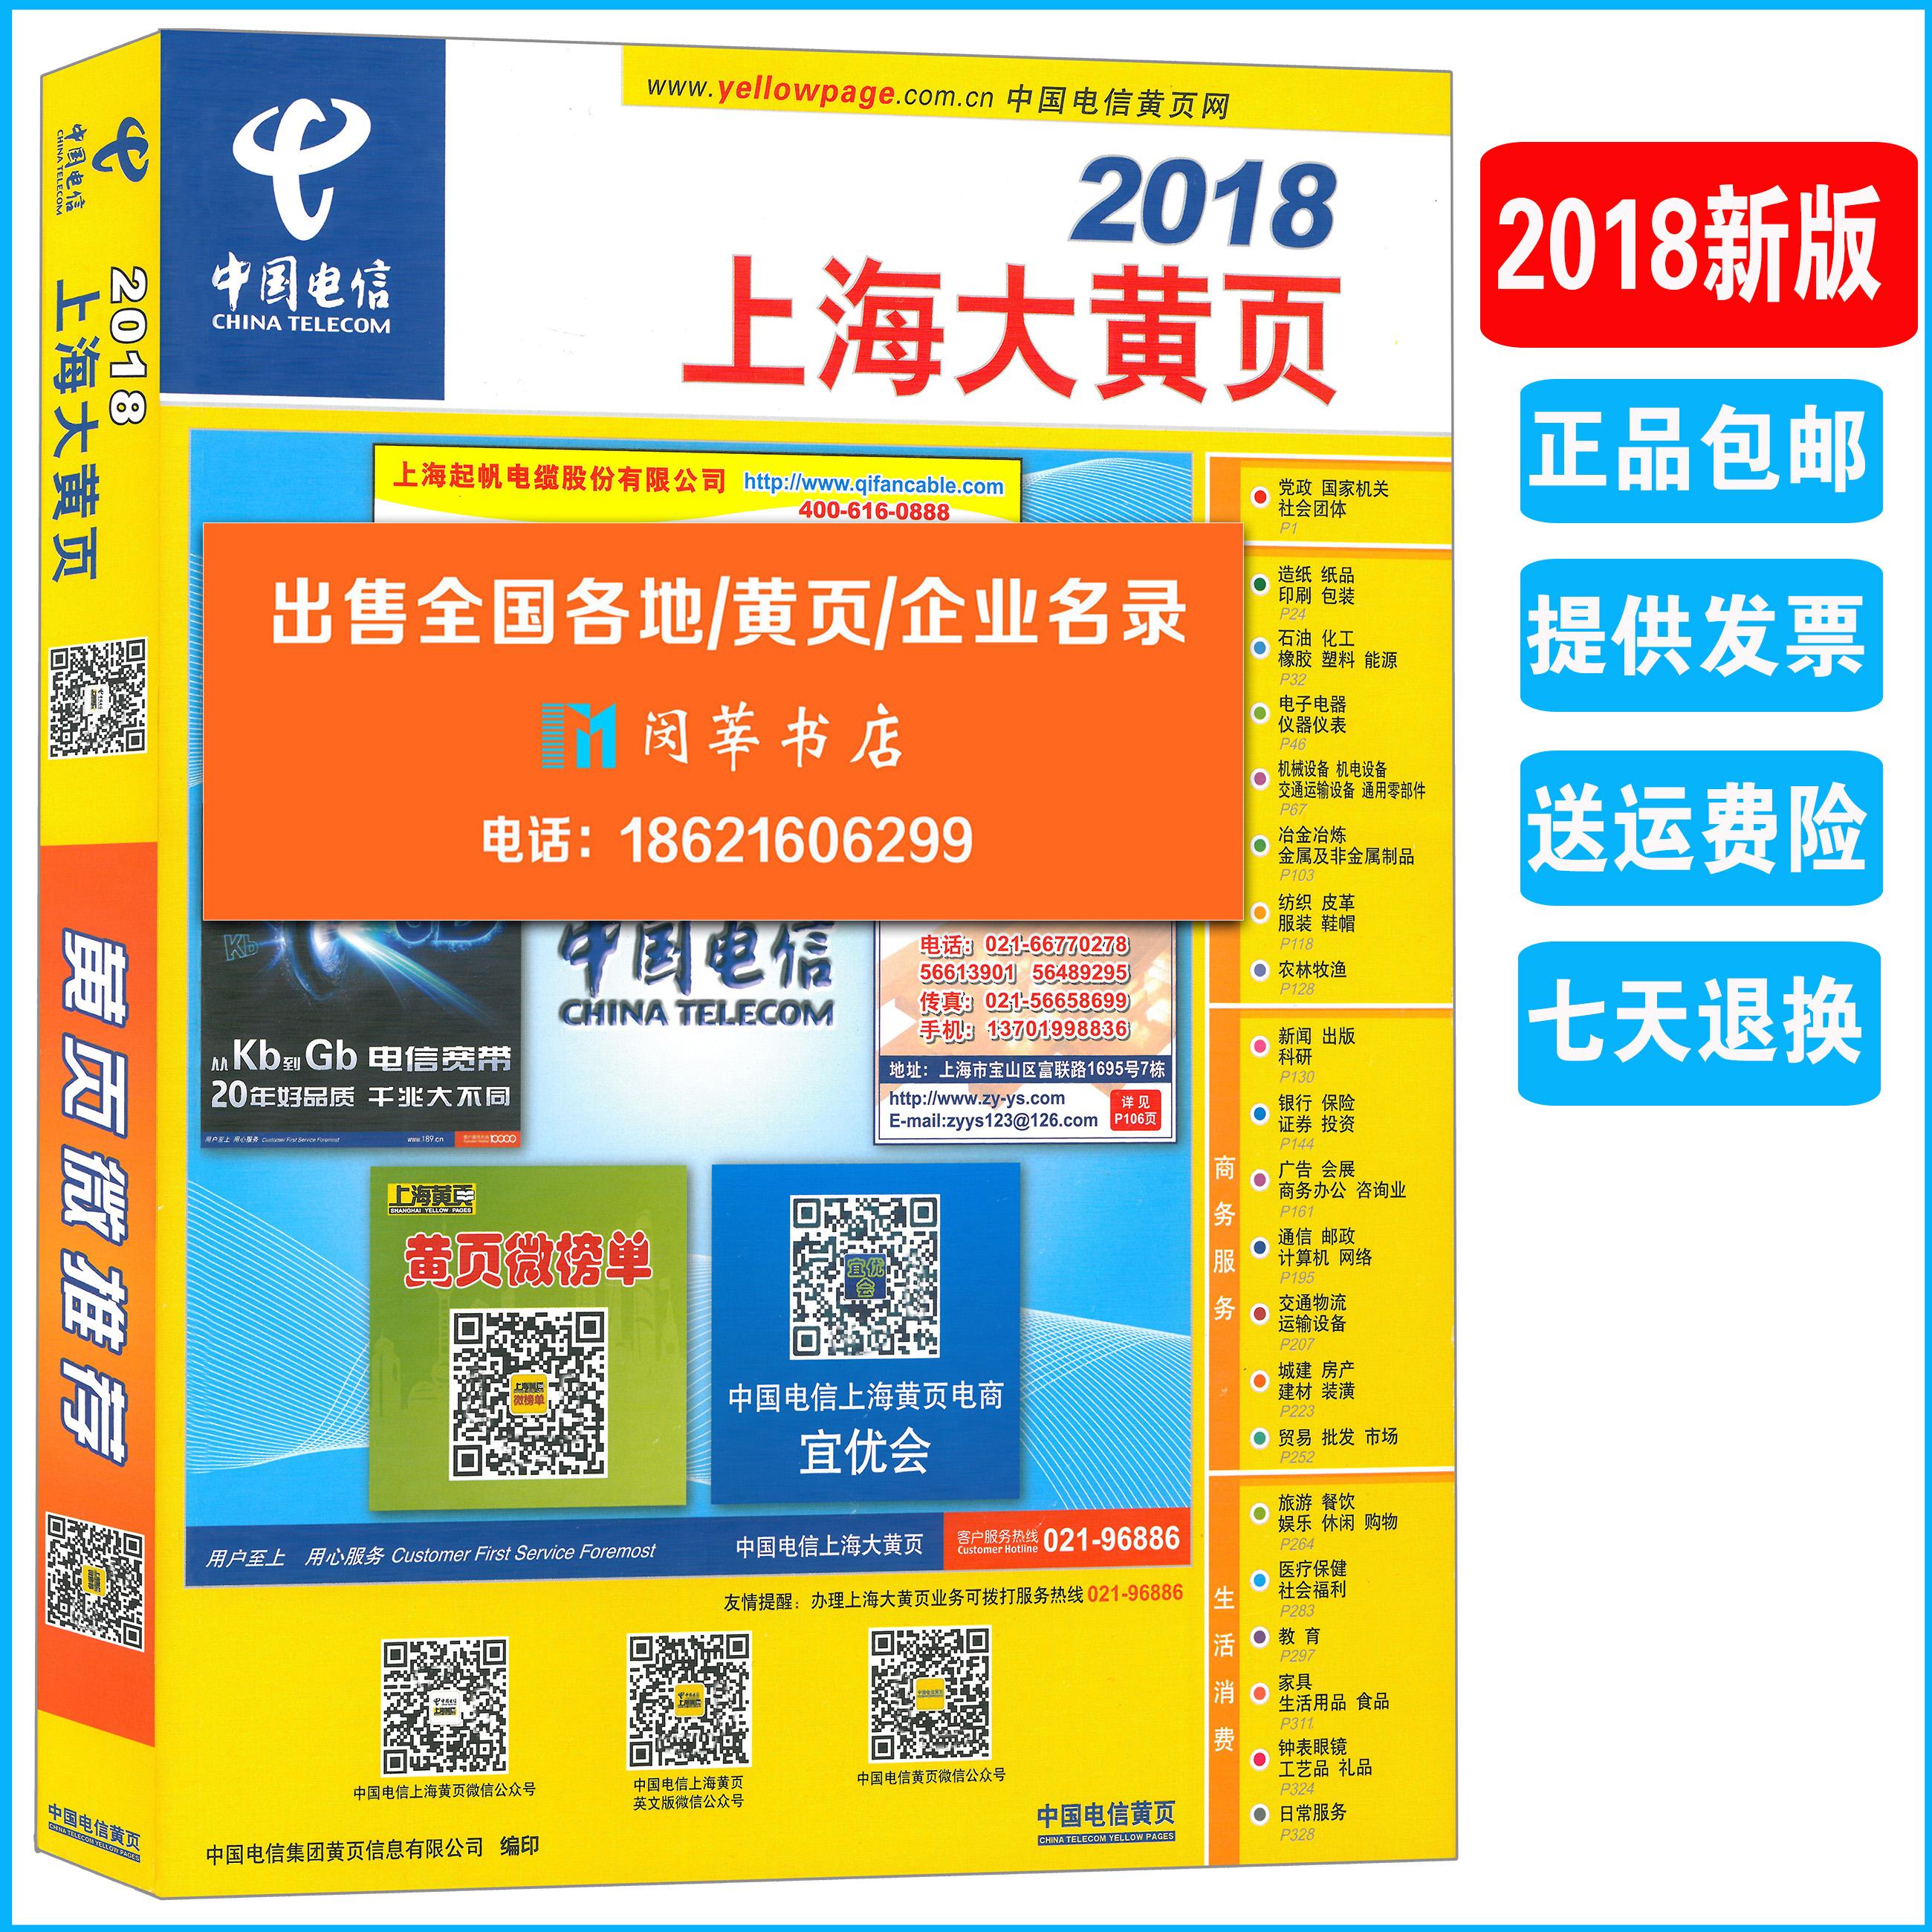 2018 акции 2018 шанхай желтый страница 2018 шанхай бизнес телефон ревень страница имя запись связь телефон книга